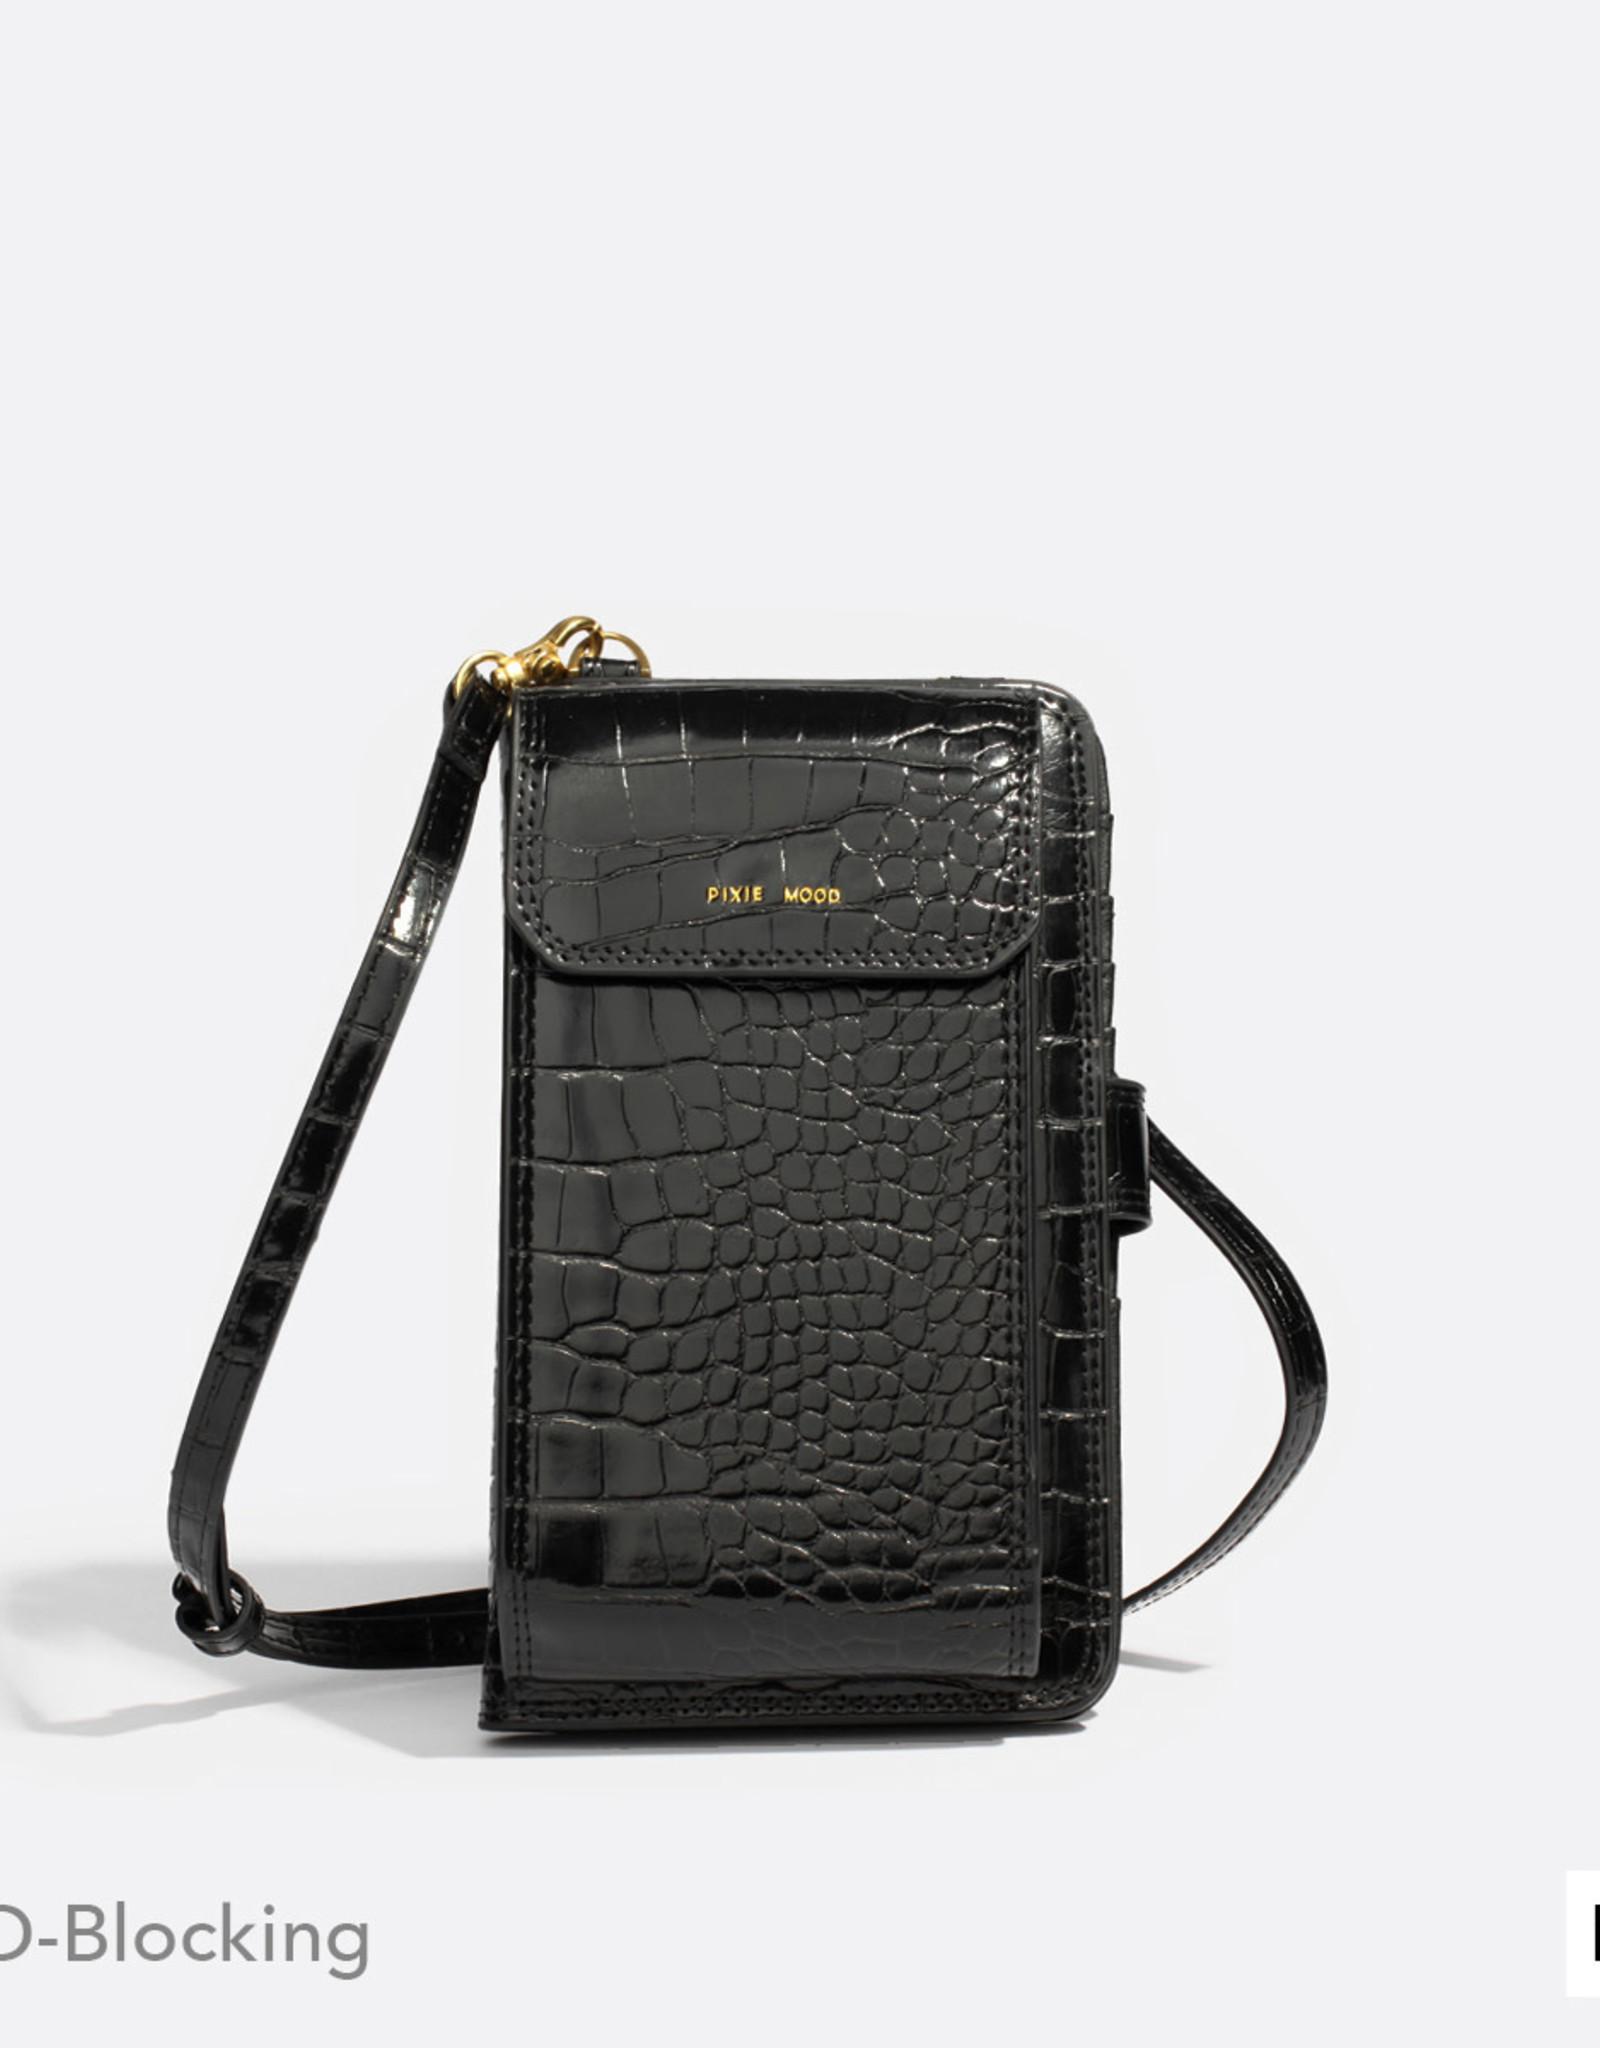 Pixie mood - Sac bandoulière pour téléphone - Rae - Noir croco